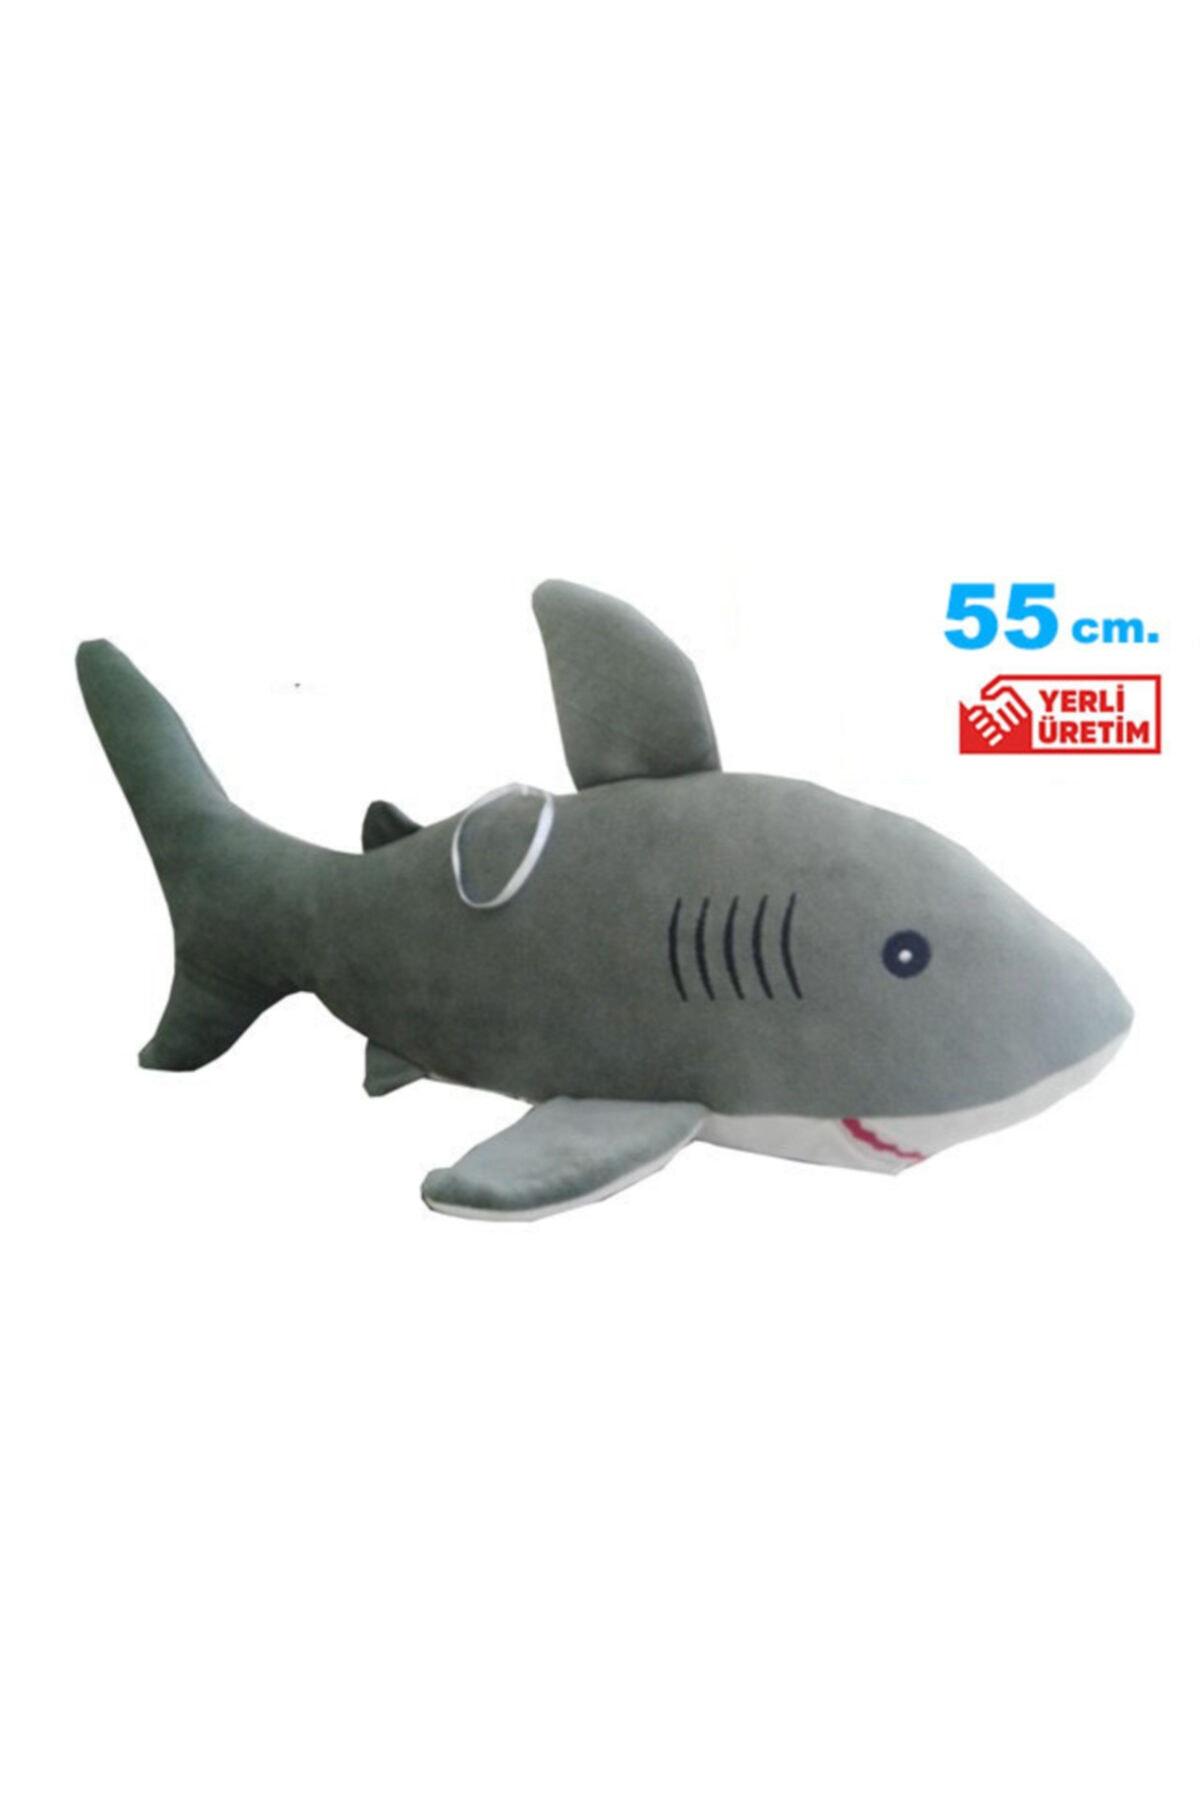 Uyku Arkadaşım Yumuşak Köpek Balığı - 55 Cm.